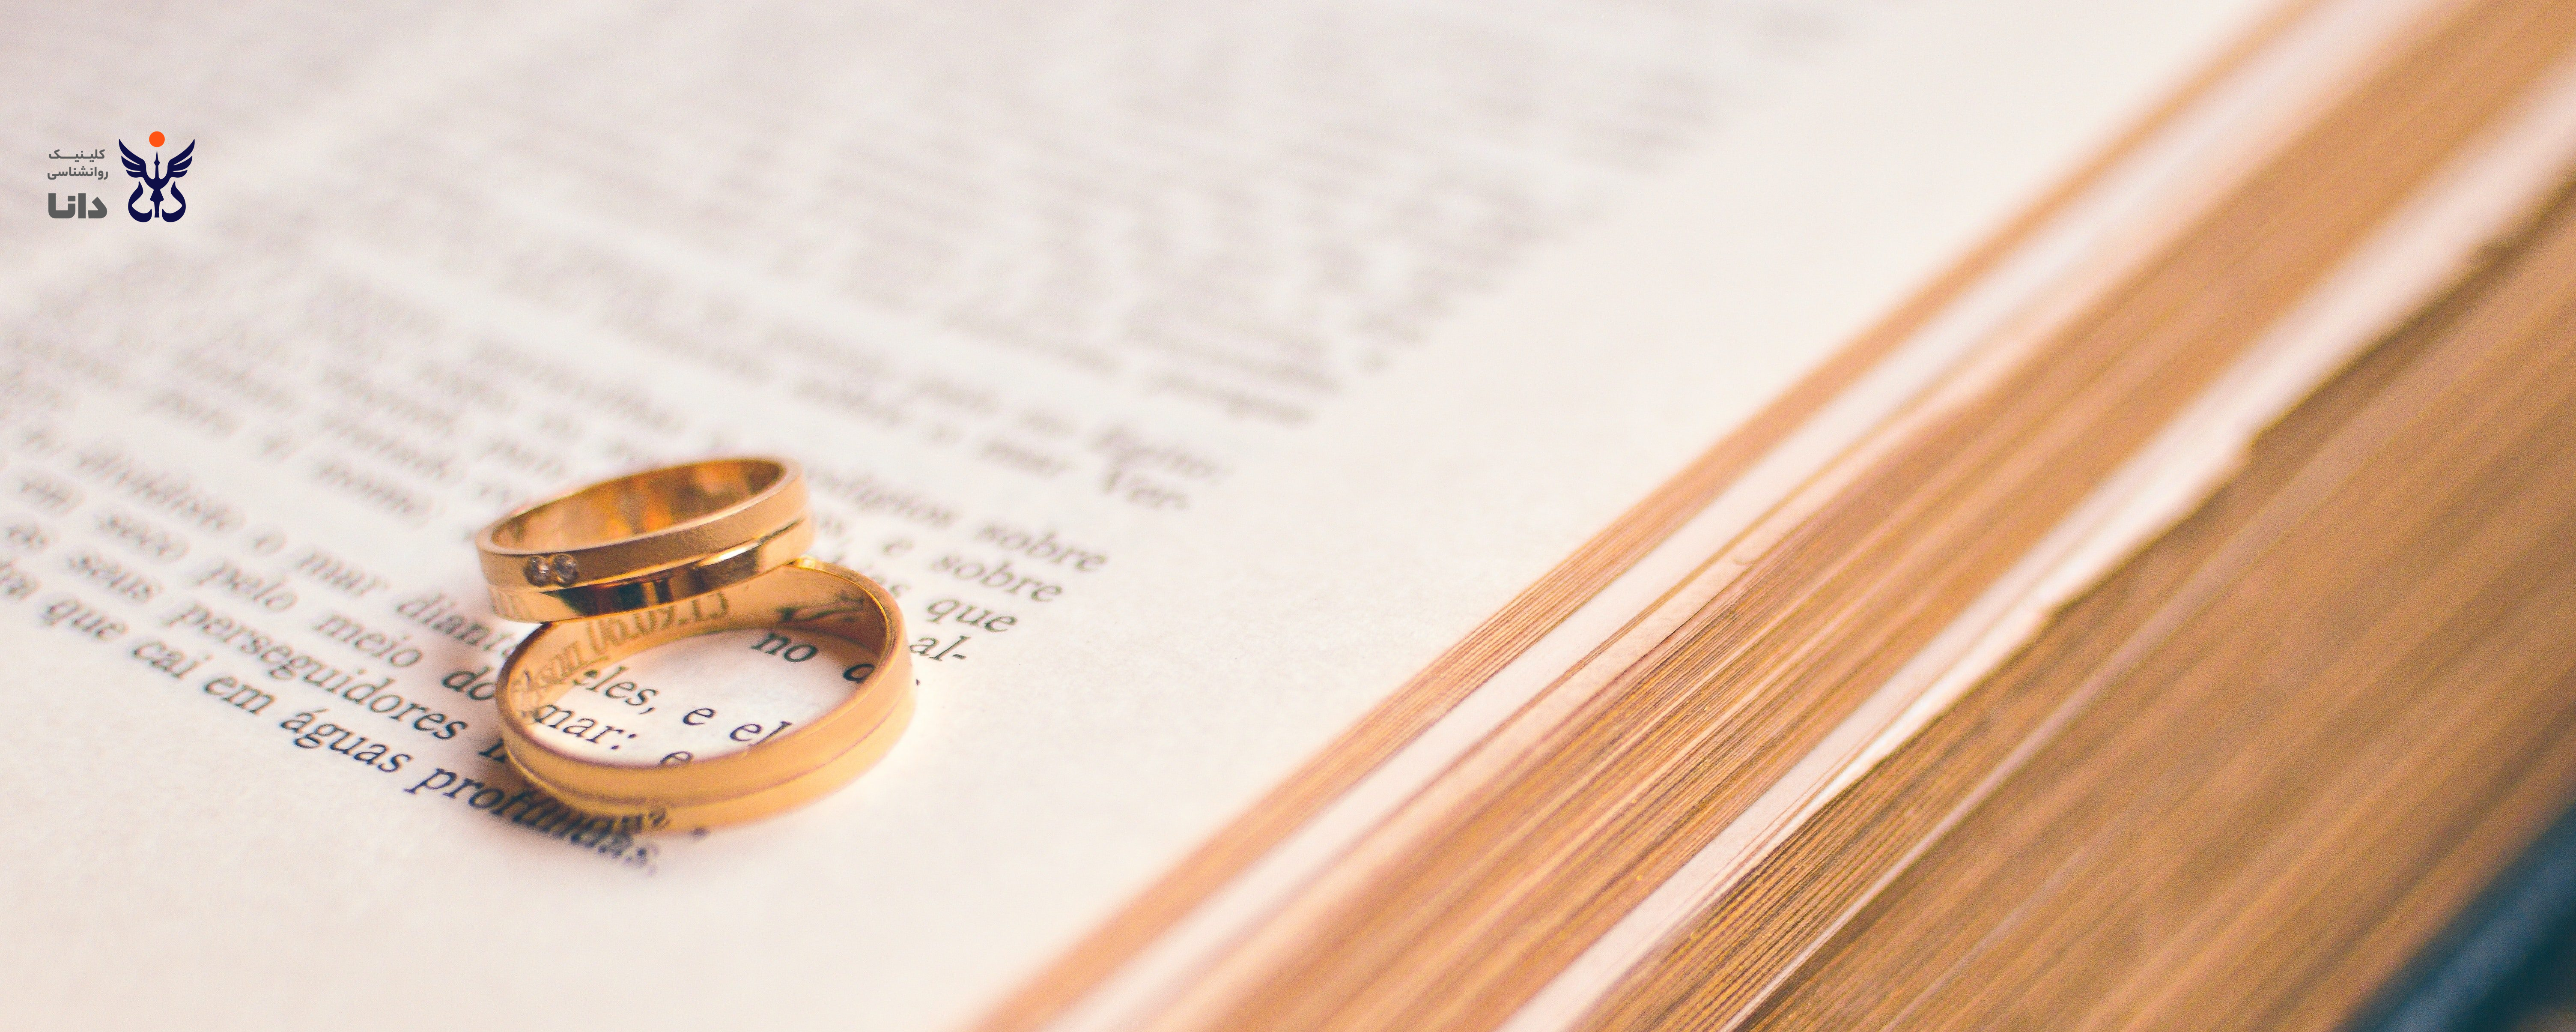 نکات کلیدی در مورد ازدواج از دیدگاه روانشناسی ازدواج و خانواده – بخش دوم